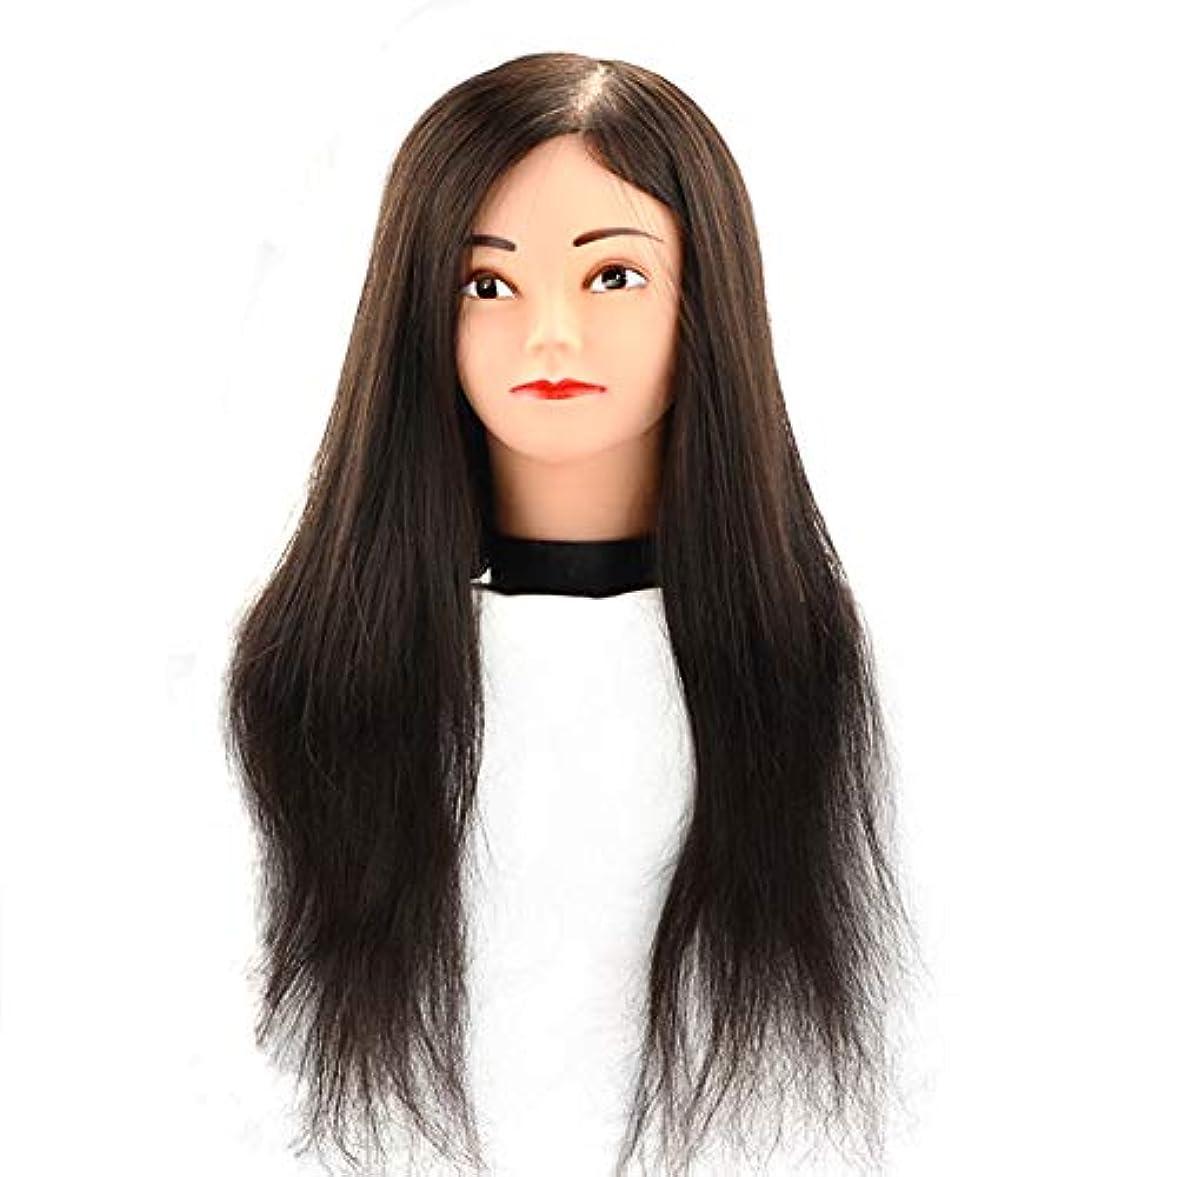 織機怪しいトロイの木馬理髪店パーマ染め髪ダミー練習ヘッド花嫁ディスク髪編組学習ヘッドモデルヘアマネキンヘッド